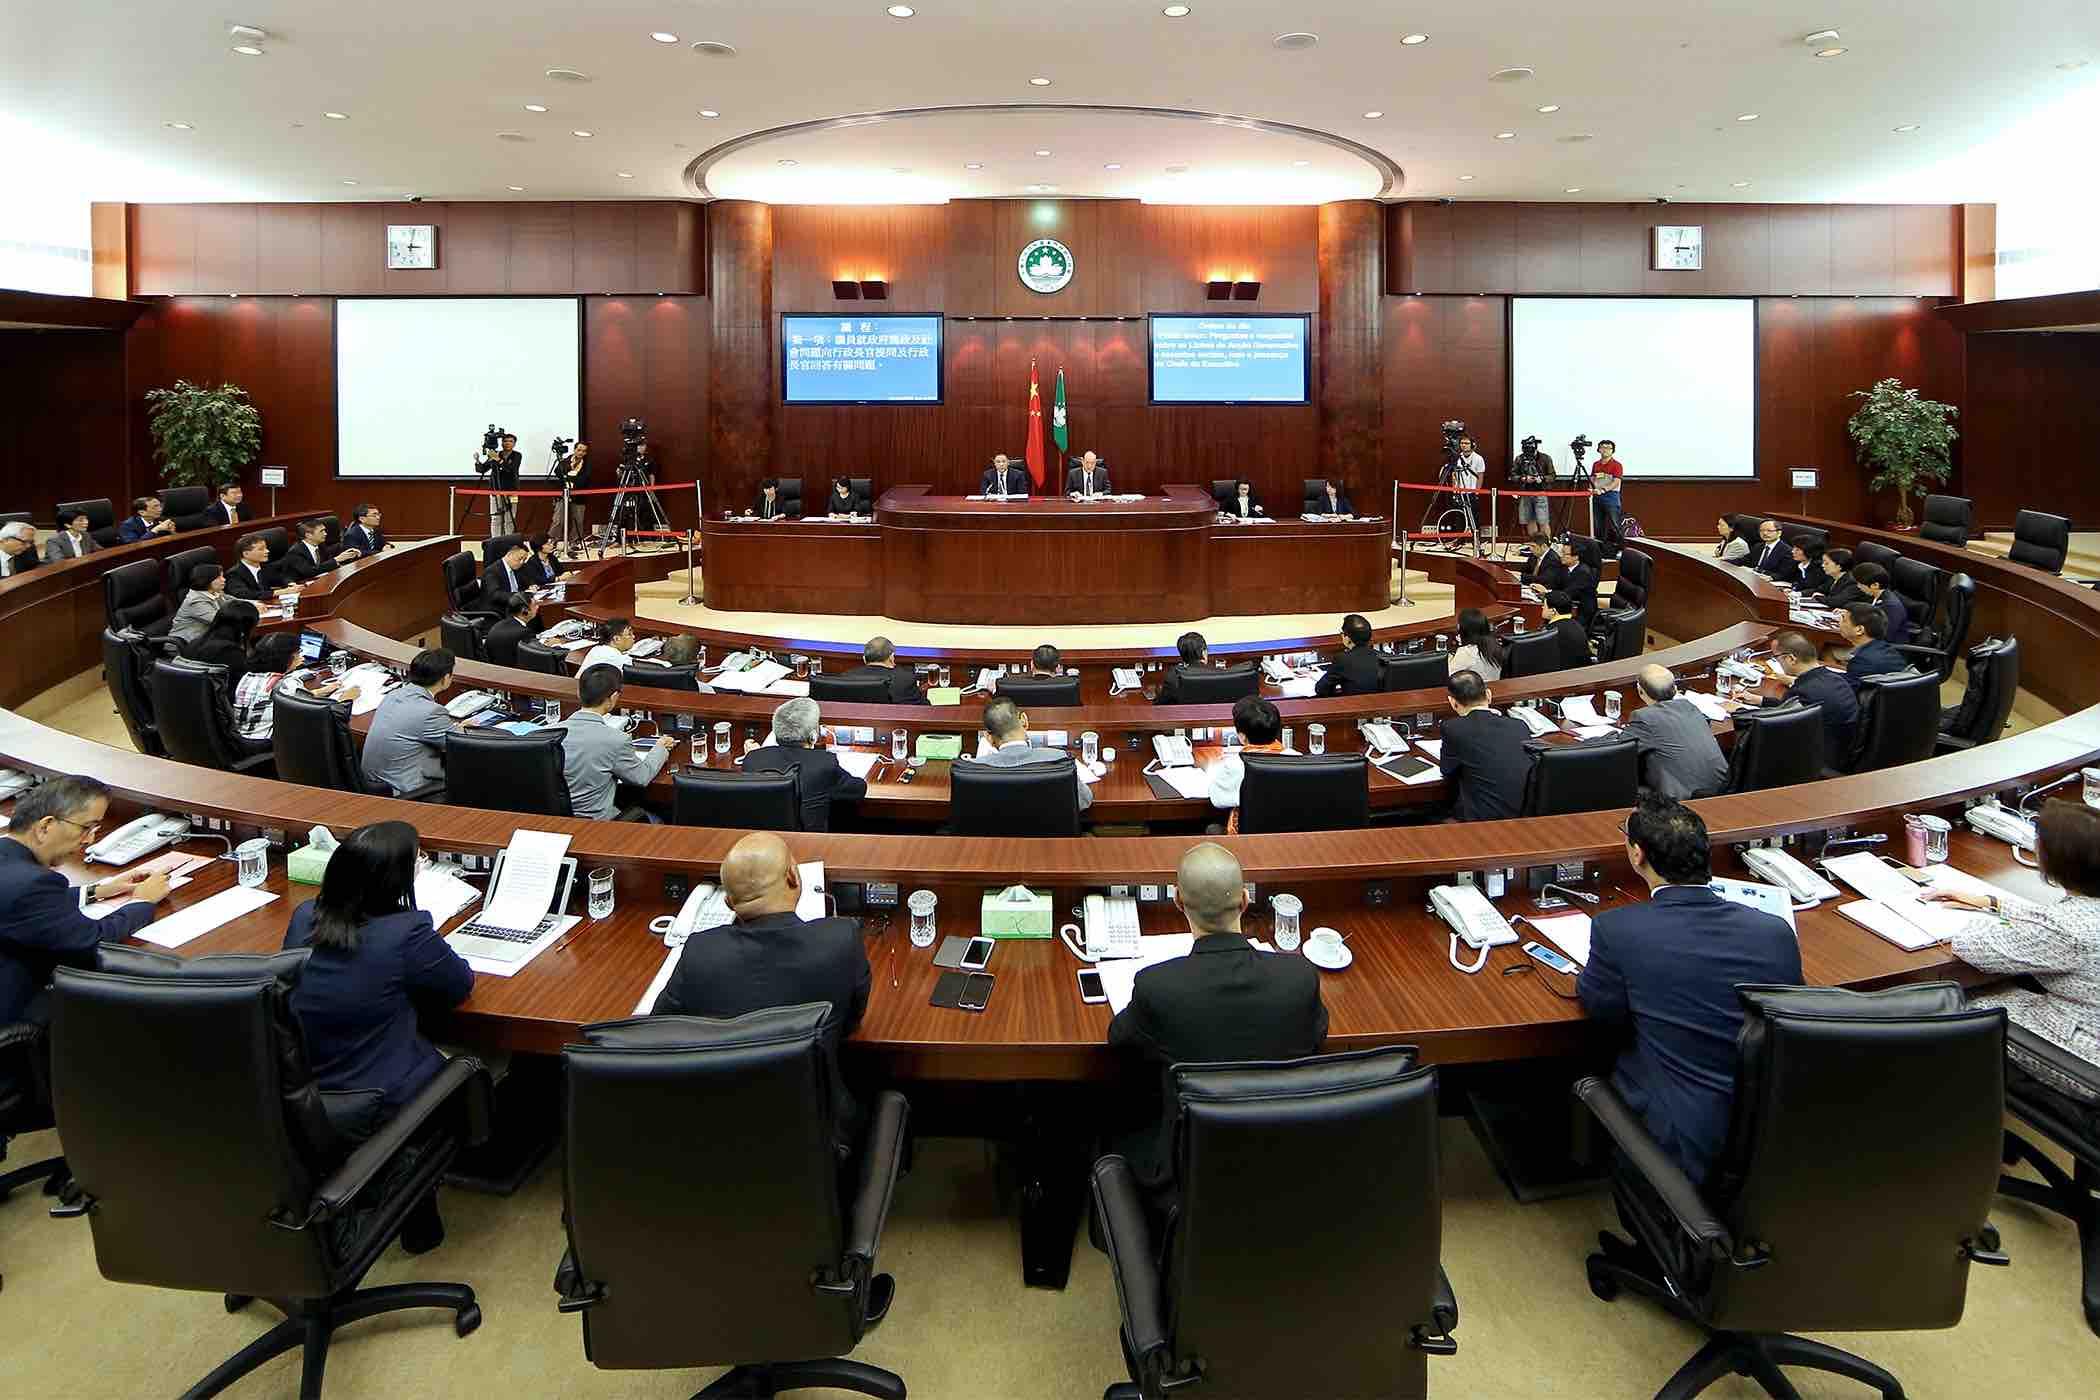 Branqueamento de capitais | Assembleia Legislativa defende mais estatísticas